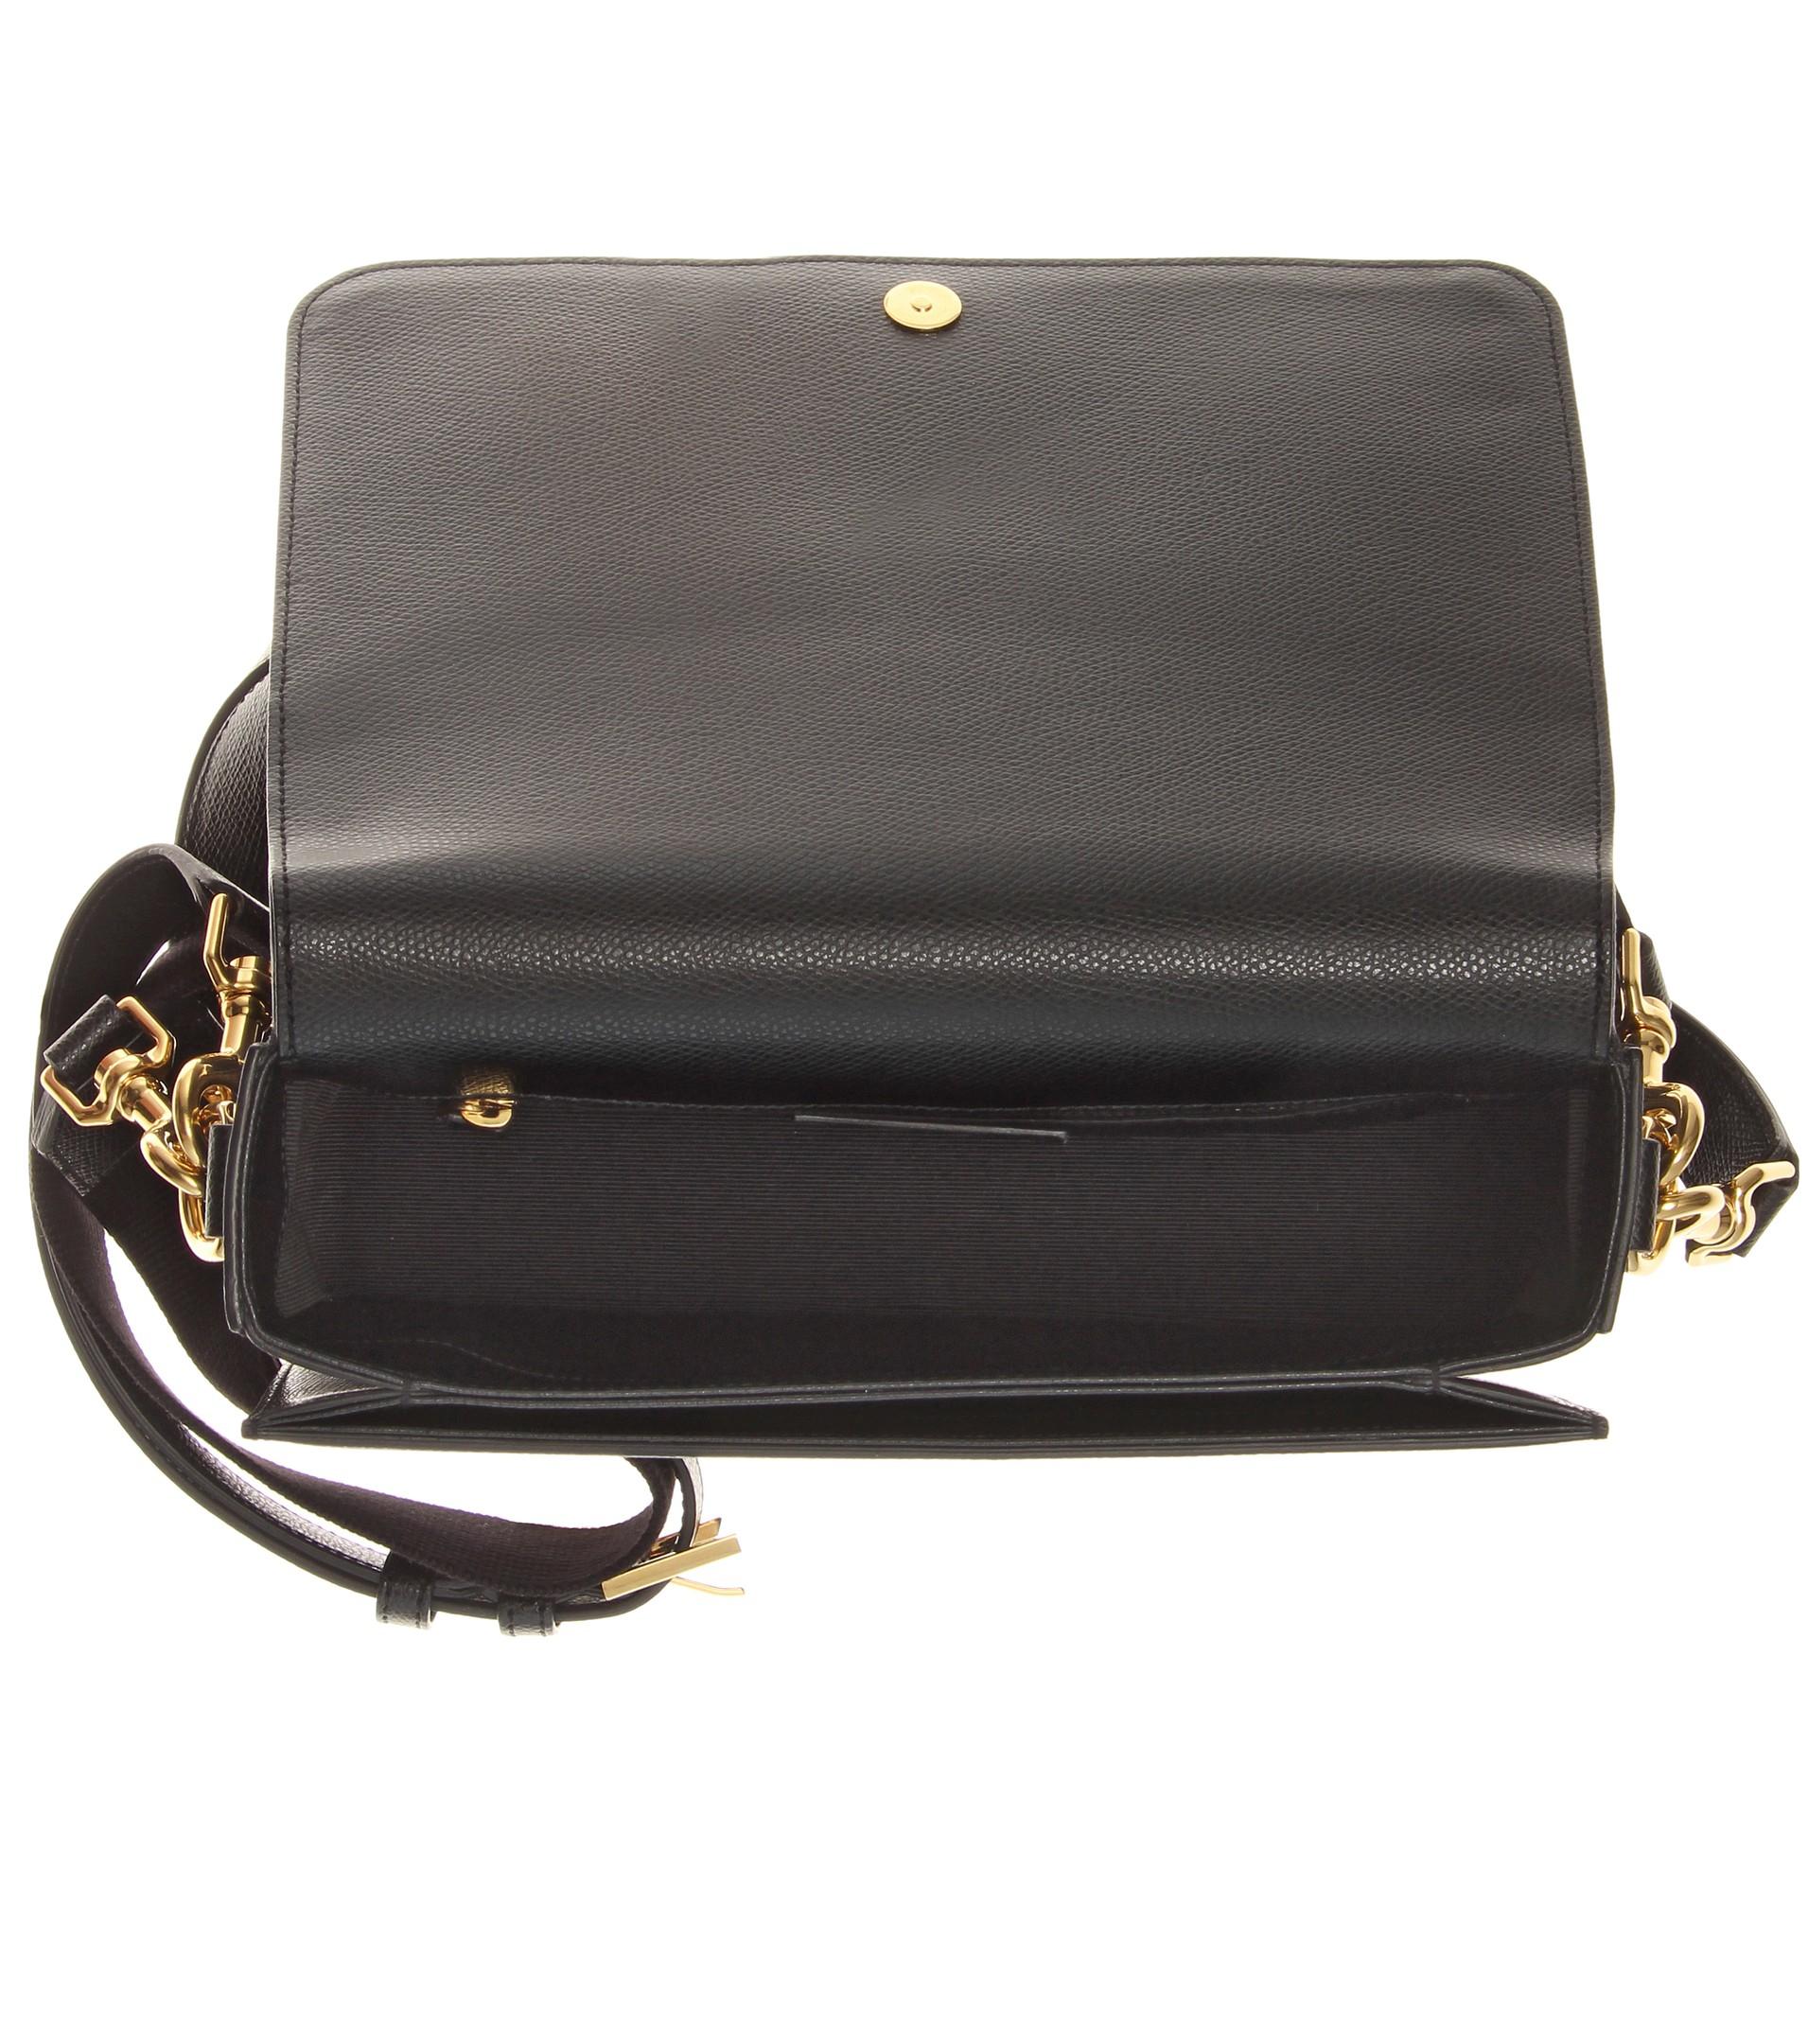 belle de jour bag - monogram small universite satchel bag, black